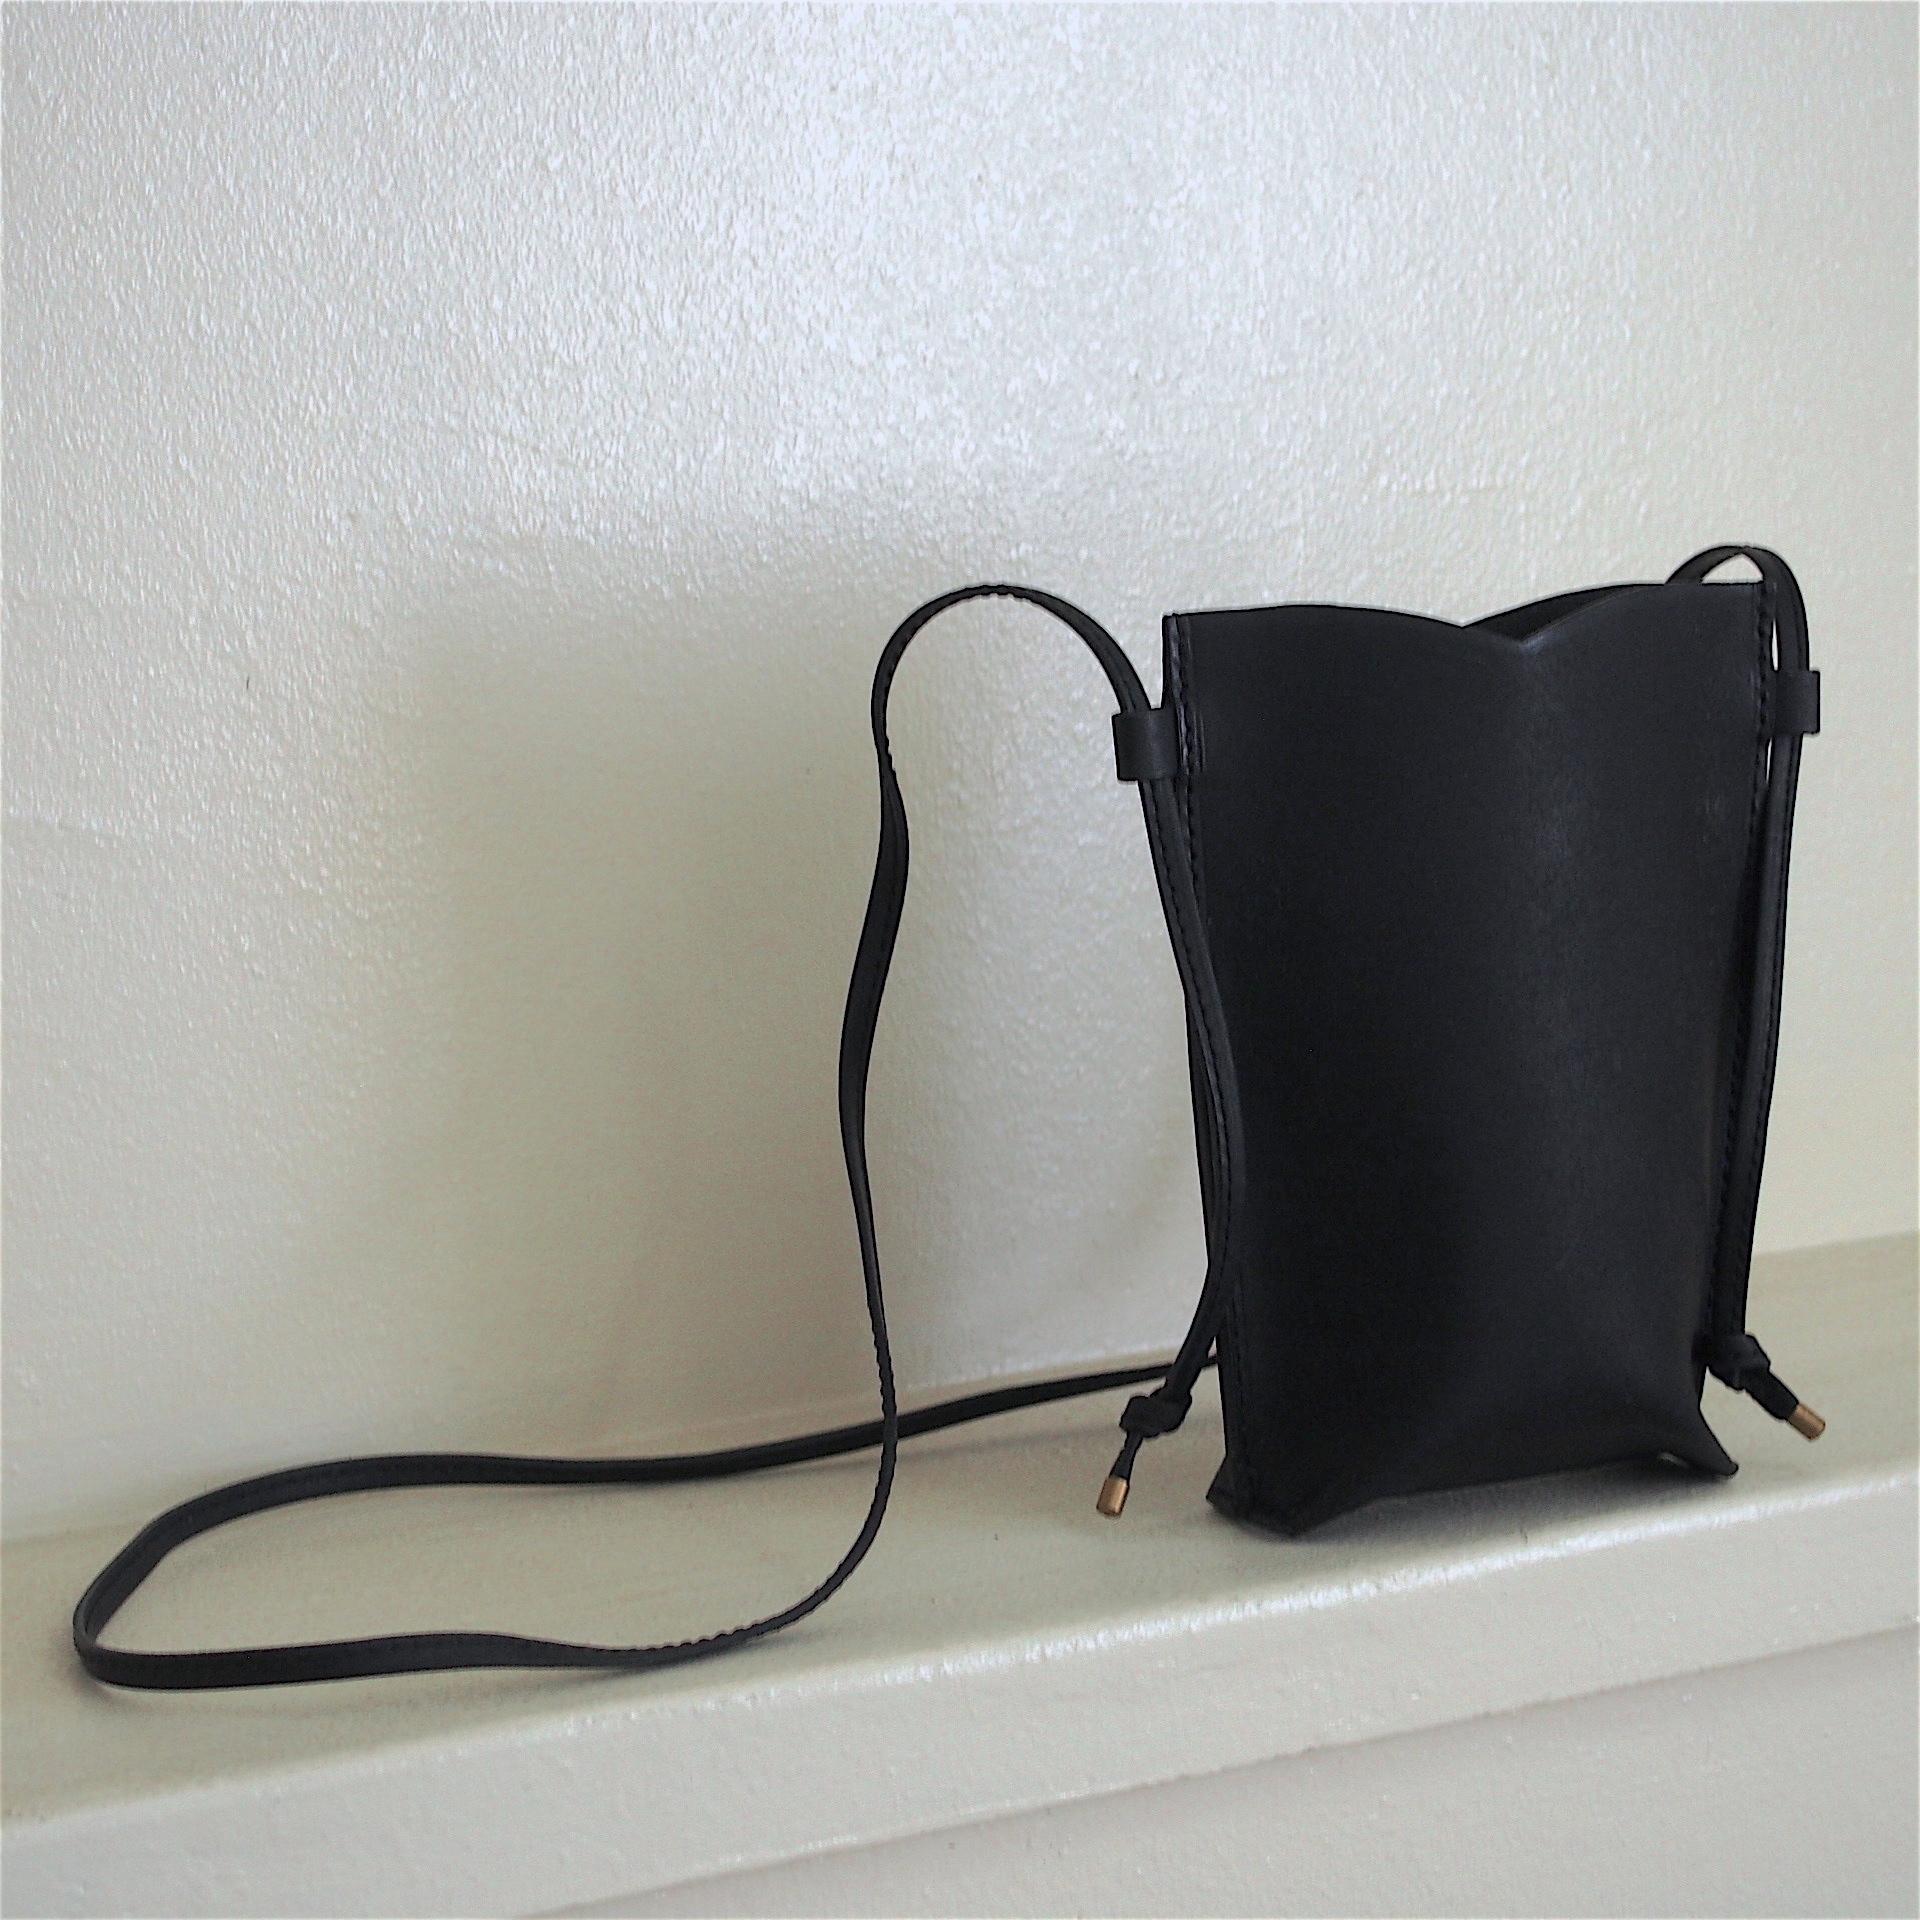 【saranam】sumoho case (black)/ 【サラナン】スマホケース(ブラック)